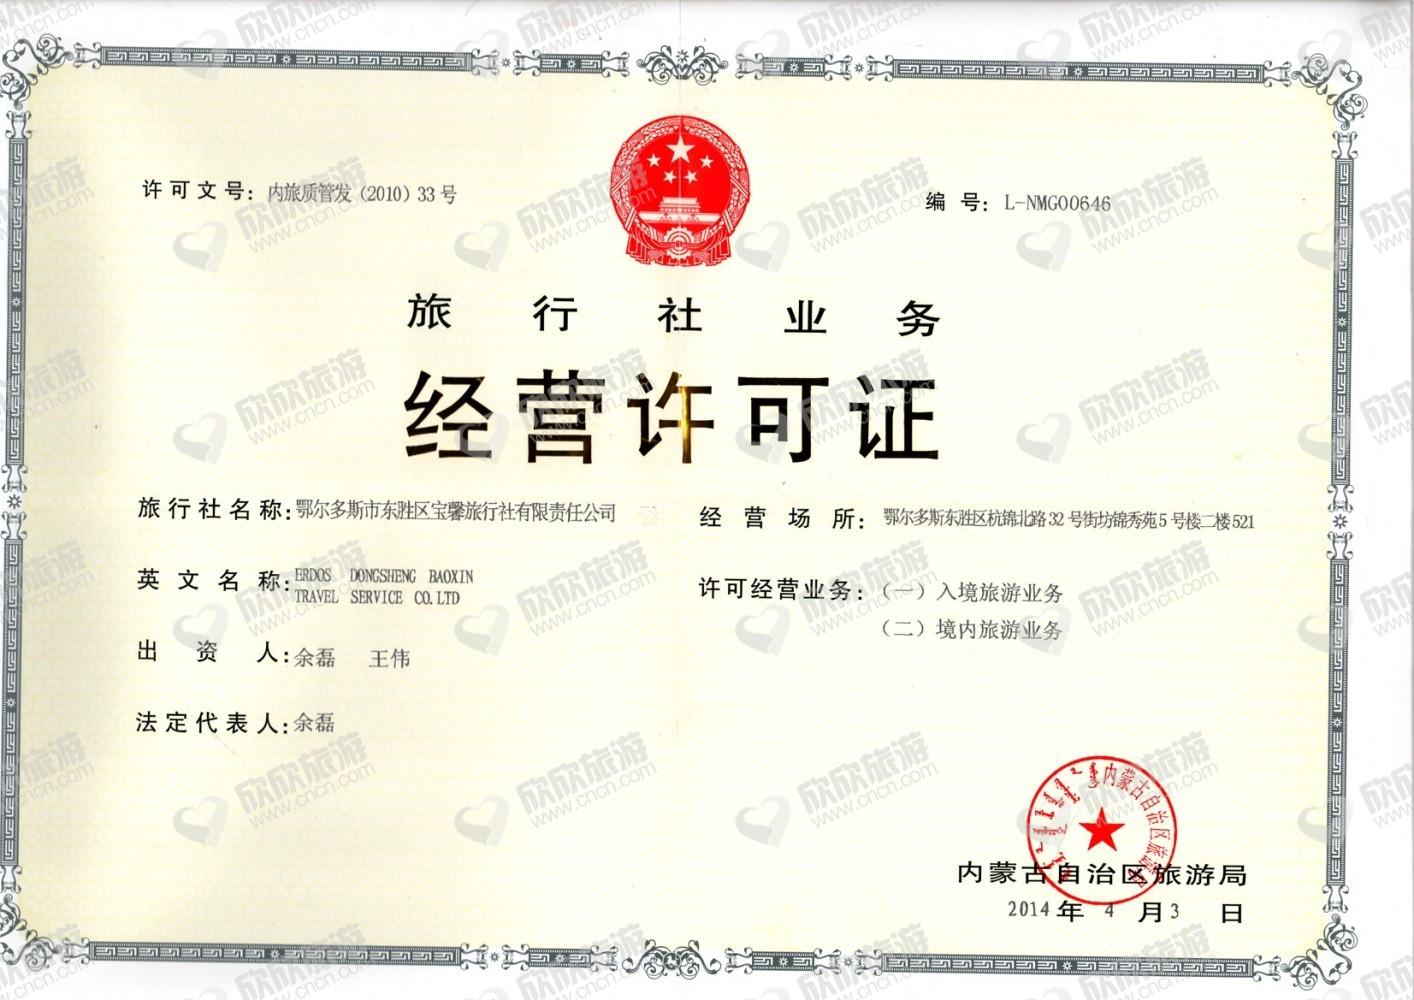 鄂尔多斯市东胜区宝馨旅行社有限责任公司经营许可证